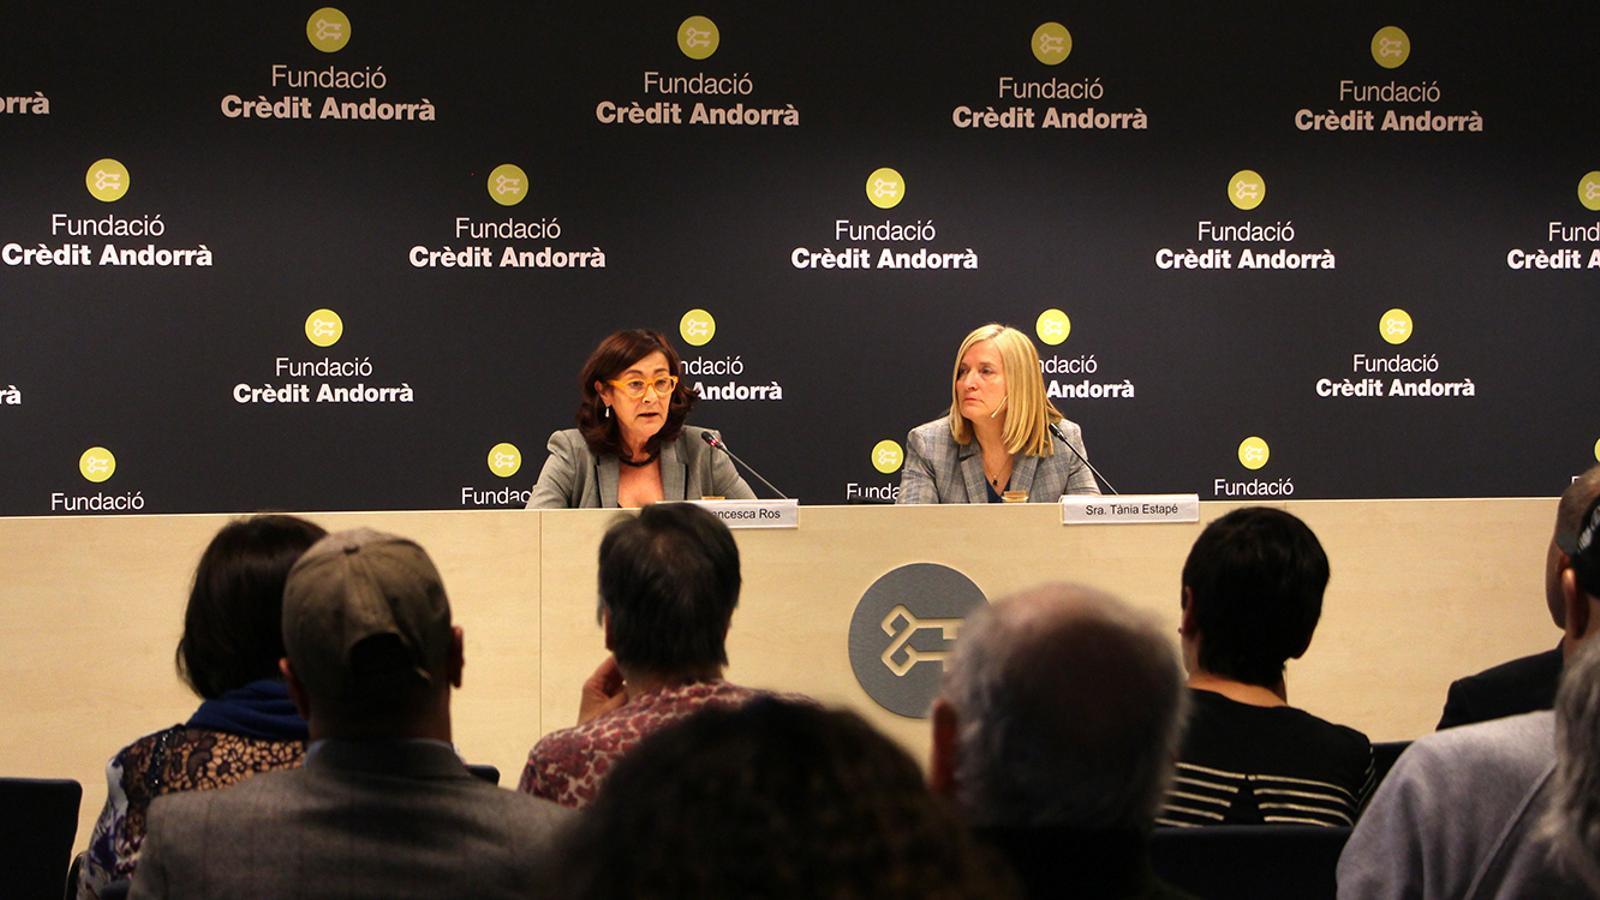 La directora de la Fundació Crèdit Andorrà, Francesca Ros, presenta la conferenciant, Tània Estapé. / M. F. (ANA)